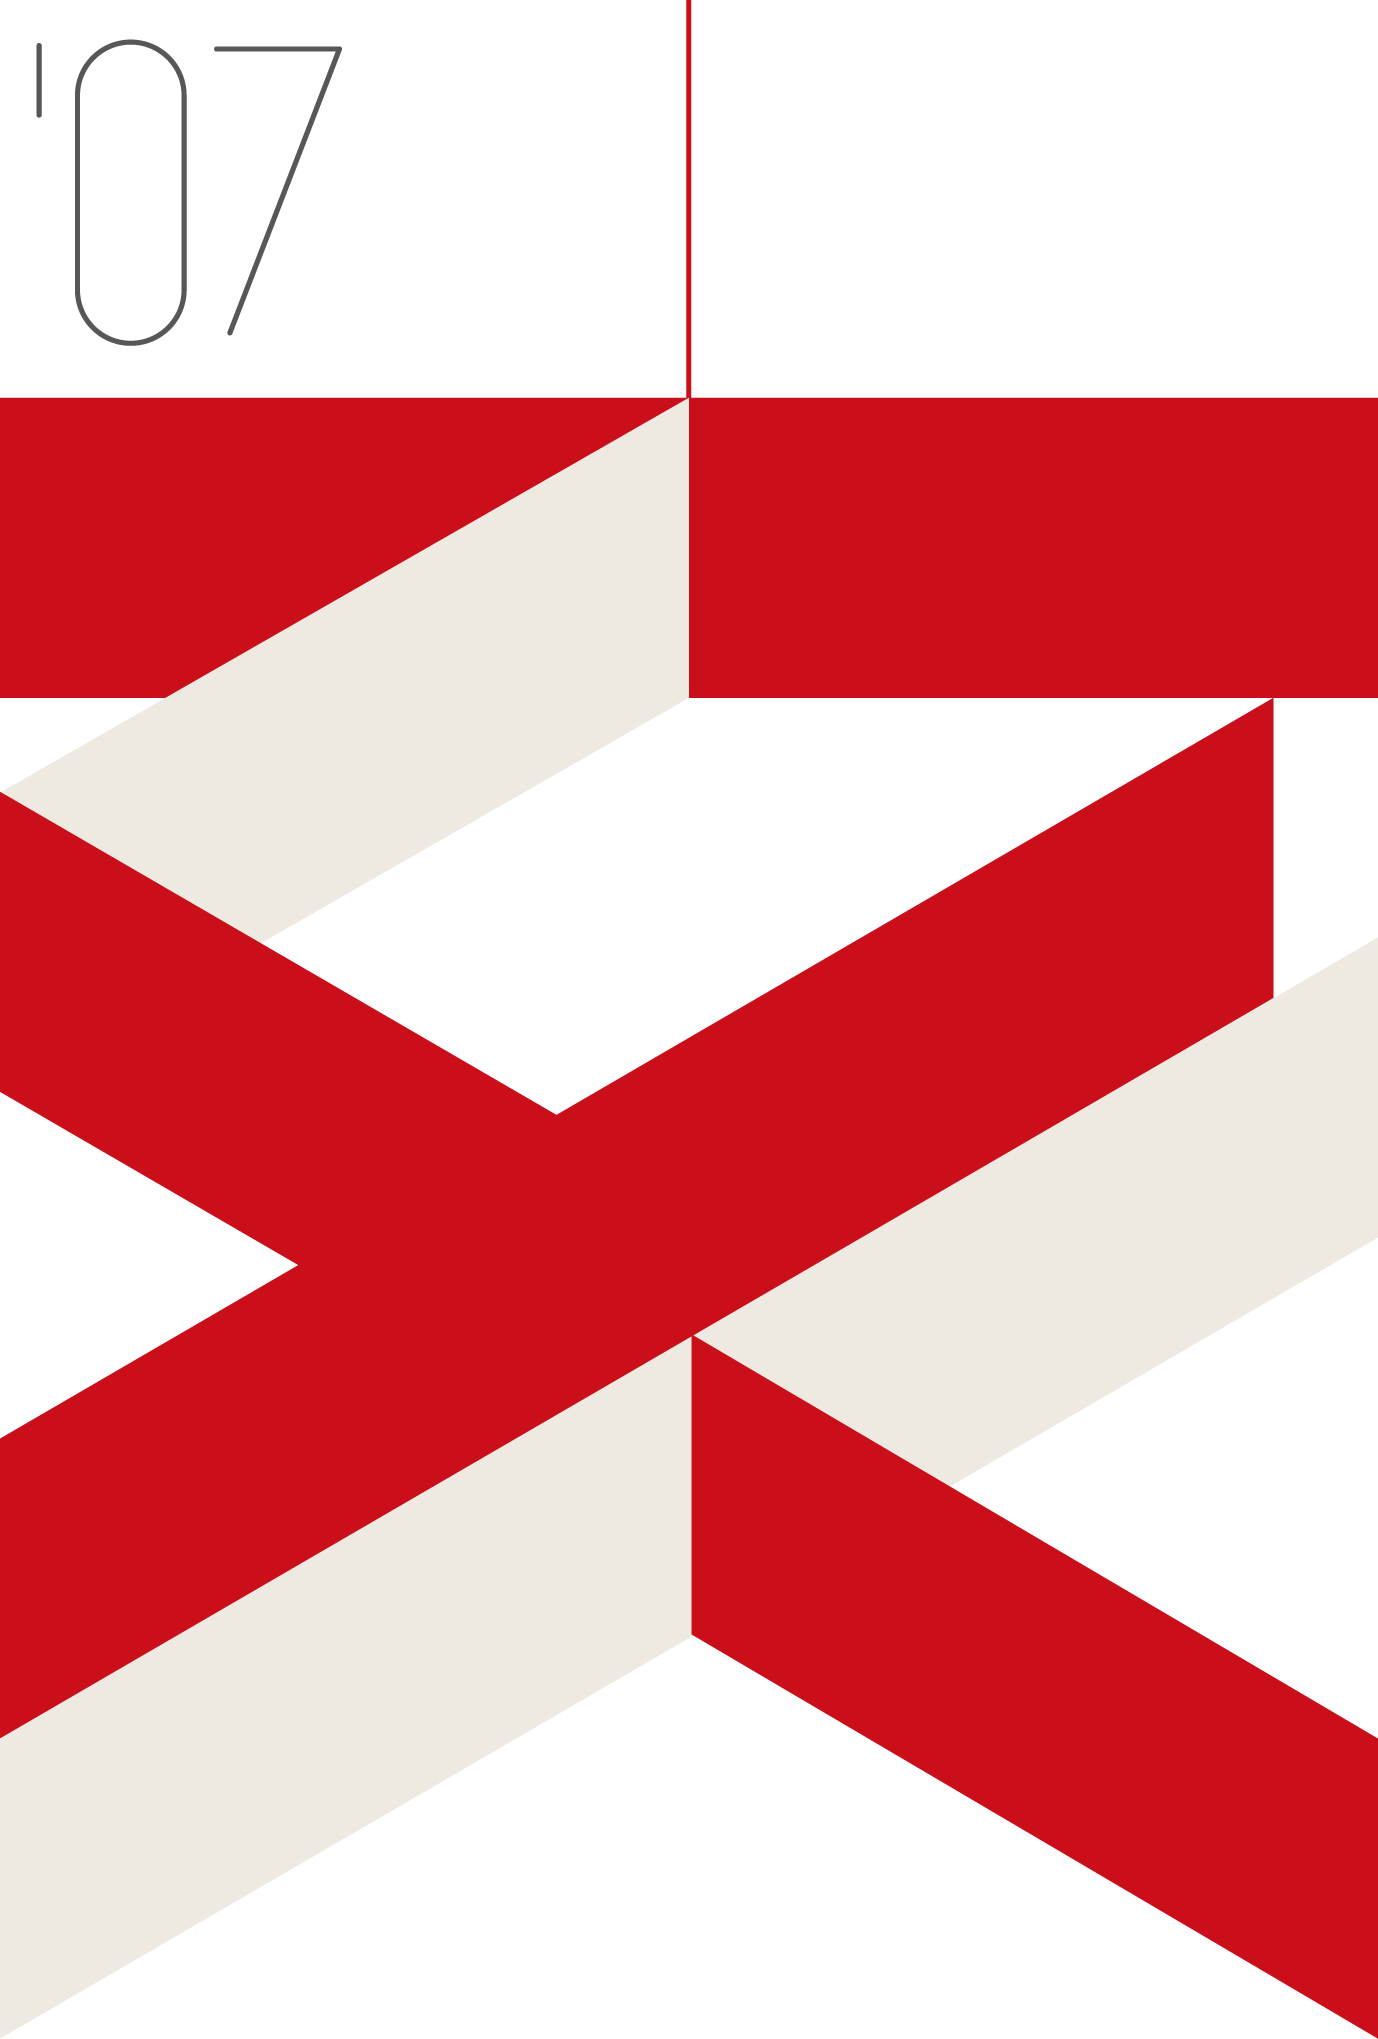 2007年賀状17:亥の図案 / 赤のダウンロード画像